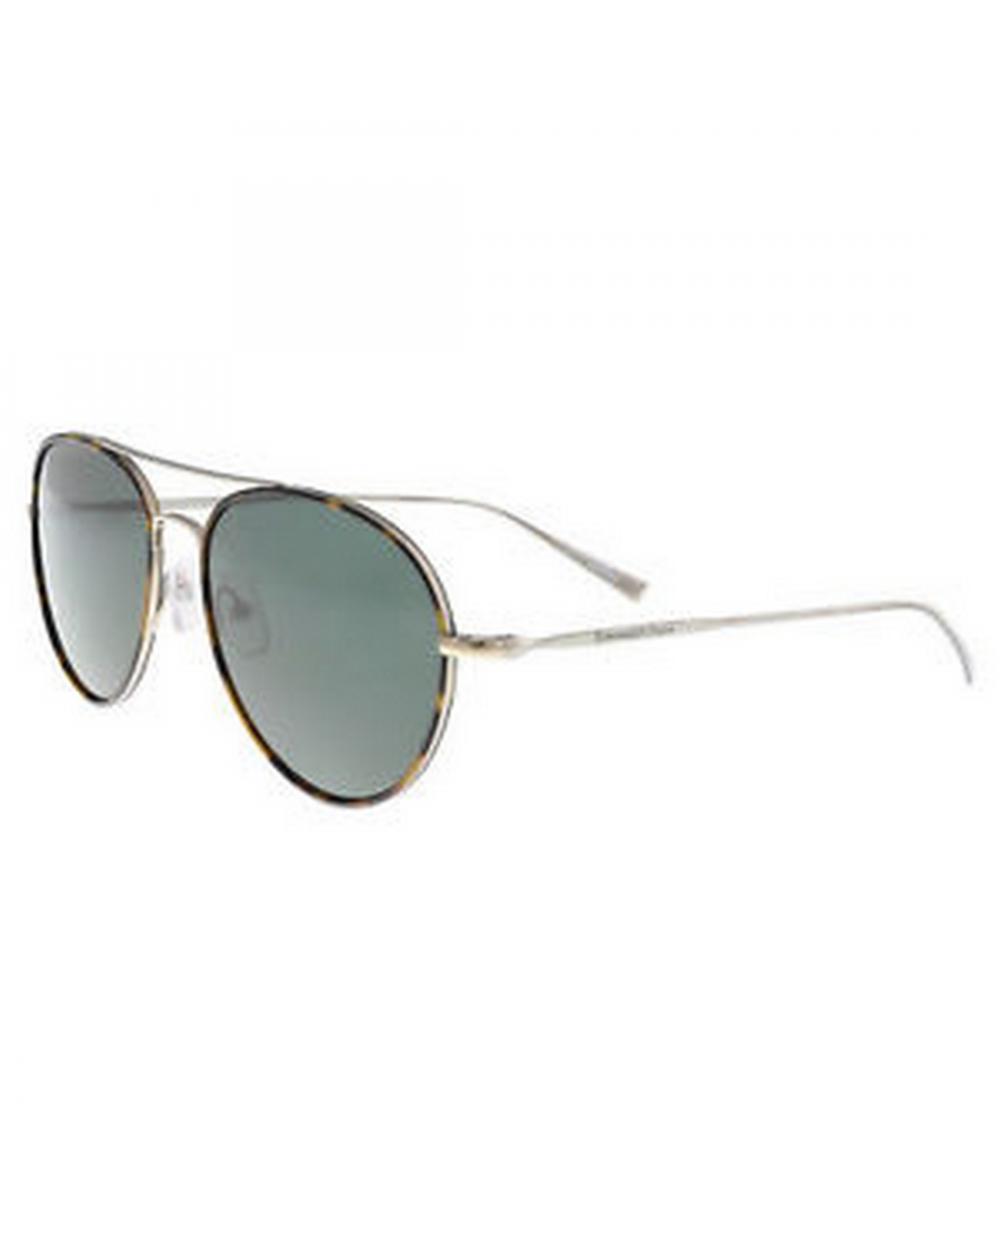 Sunglasses Ermenegildo Zegna EZ0053 original packaging warranty italy